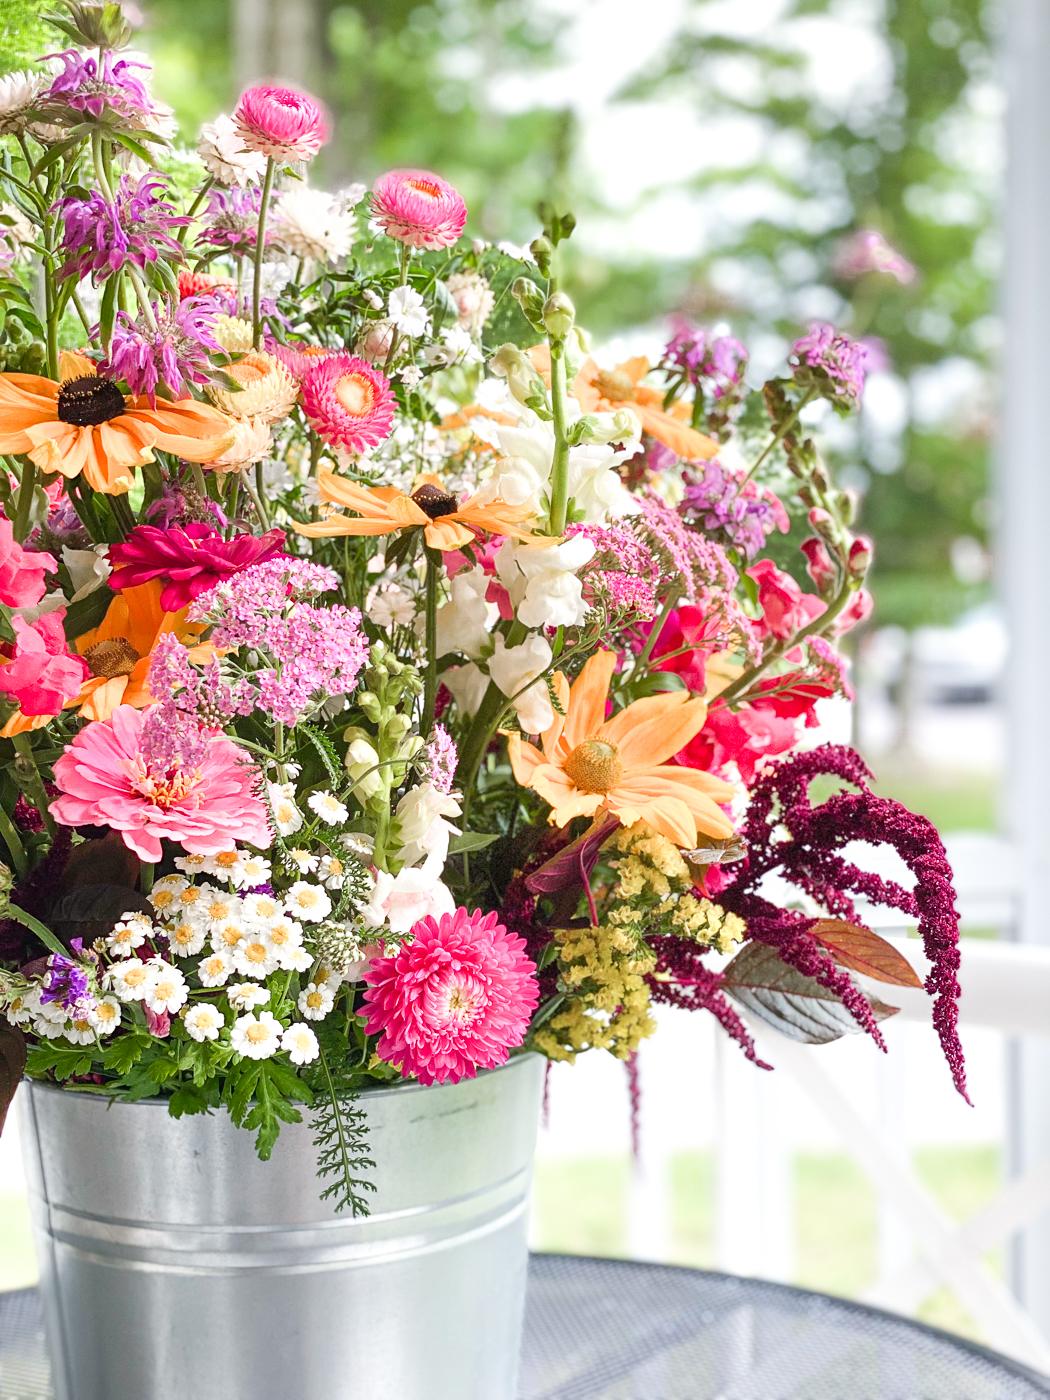 cut flower arrangement, flowers from a cutting garden, summer garden flowers